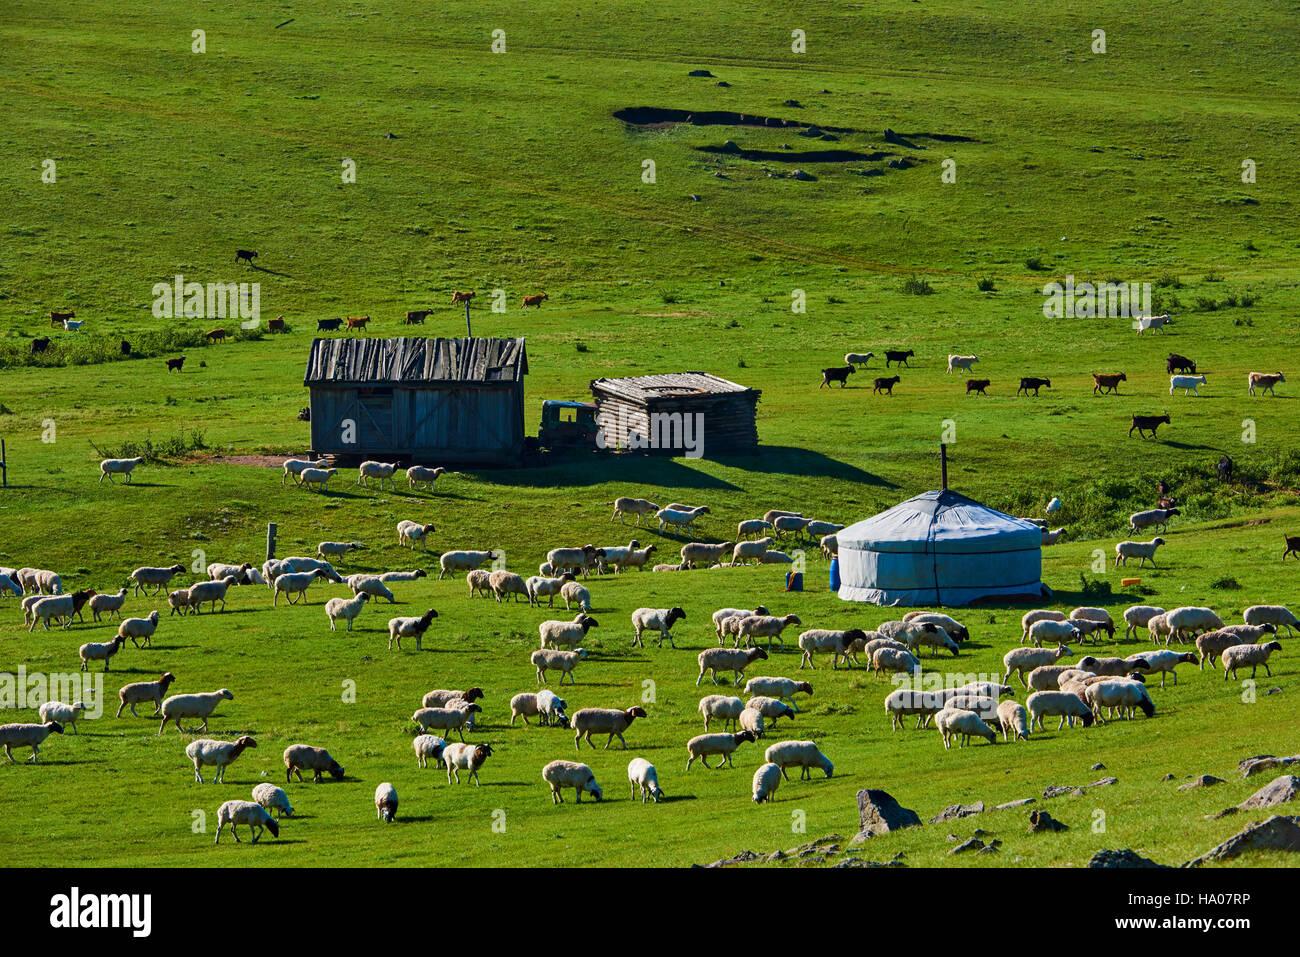 La Mongolie, province Övörkhangaï, vallée de l'Orkhon, camp nomade, la yourte Photo Stock